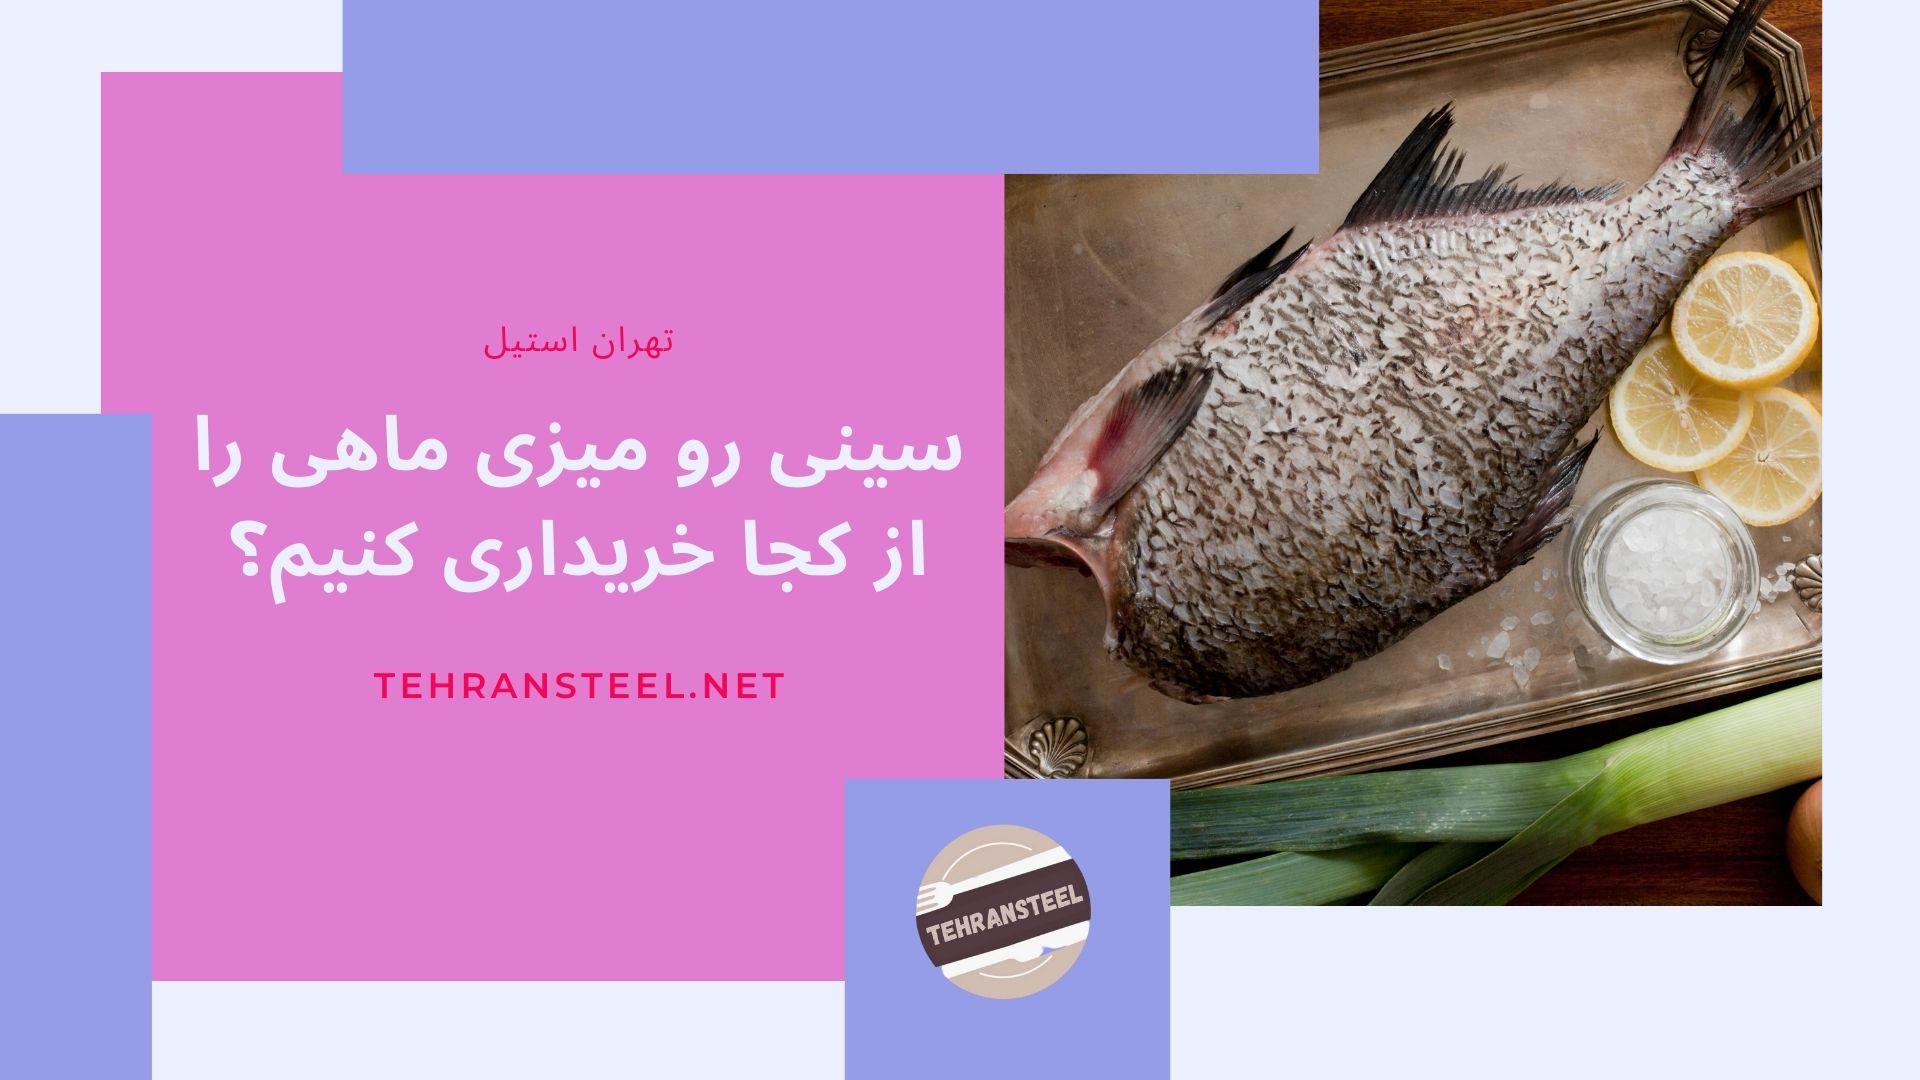 سینی رو میزی ماهی را از کجا خریداری کنیم؟